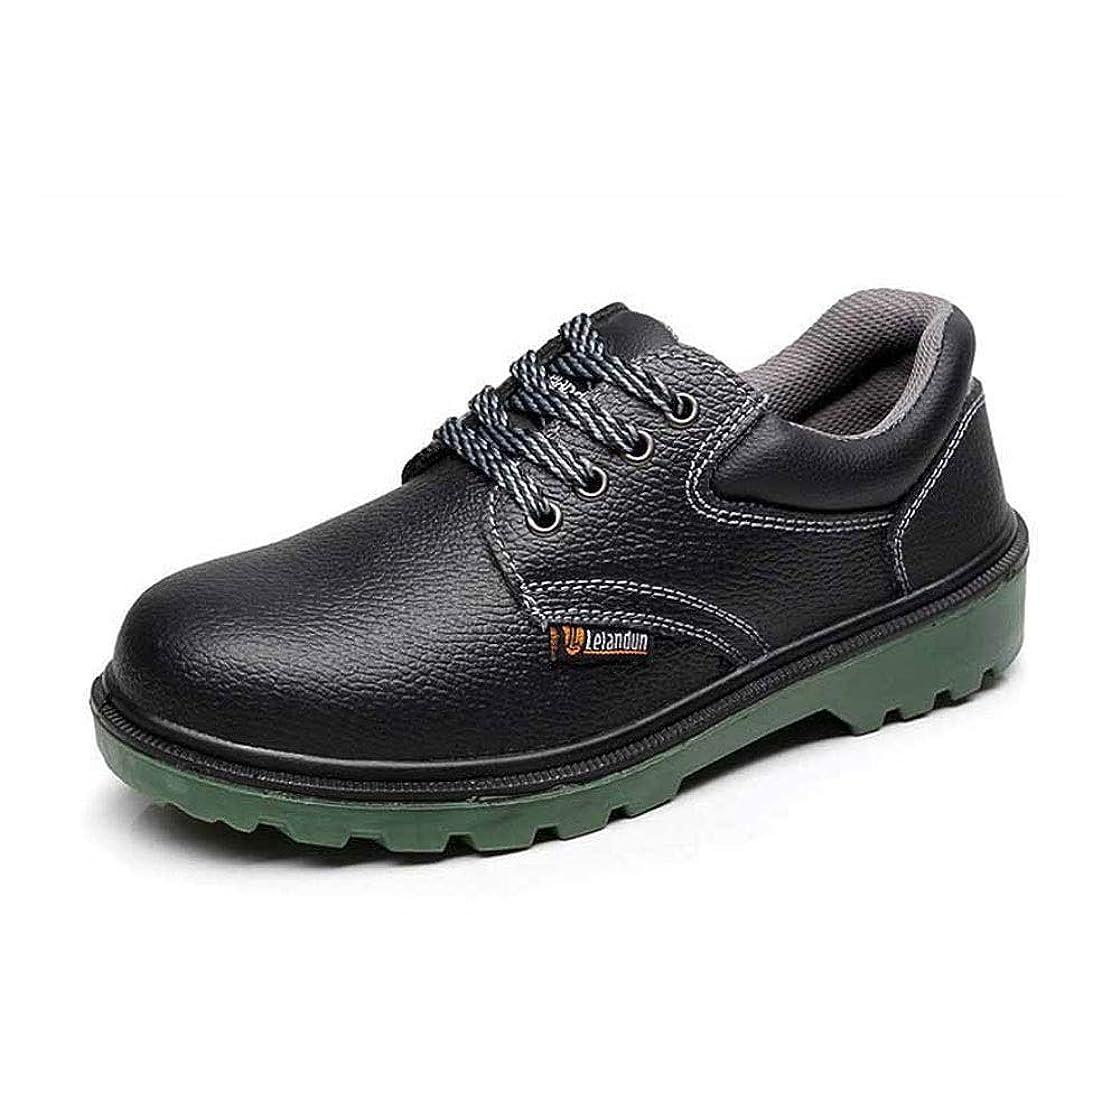 上級矛盾突破口働く 労働保険靴、衝突防止、パンク、保護靴、酸とアルカリ、安全靴、プラスチック製の固体、作業靴 アウトドア登山 (色 : Black, Size : 38-EU)